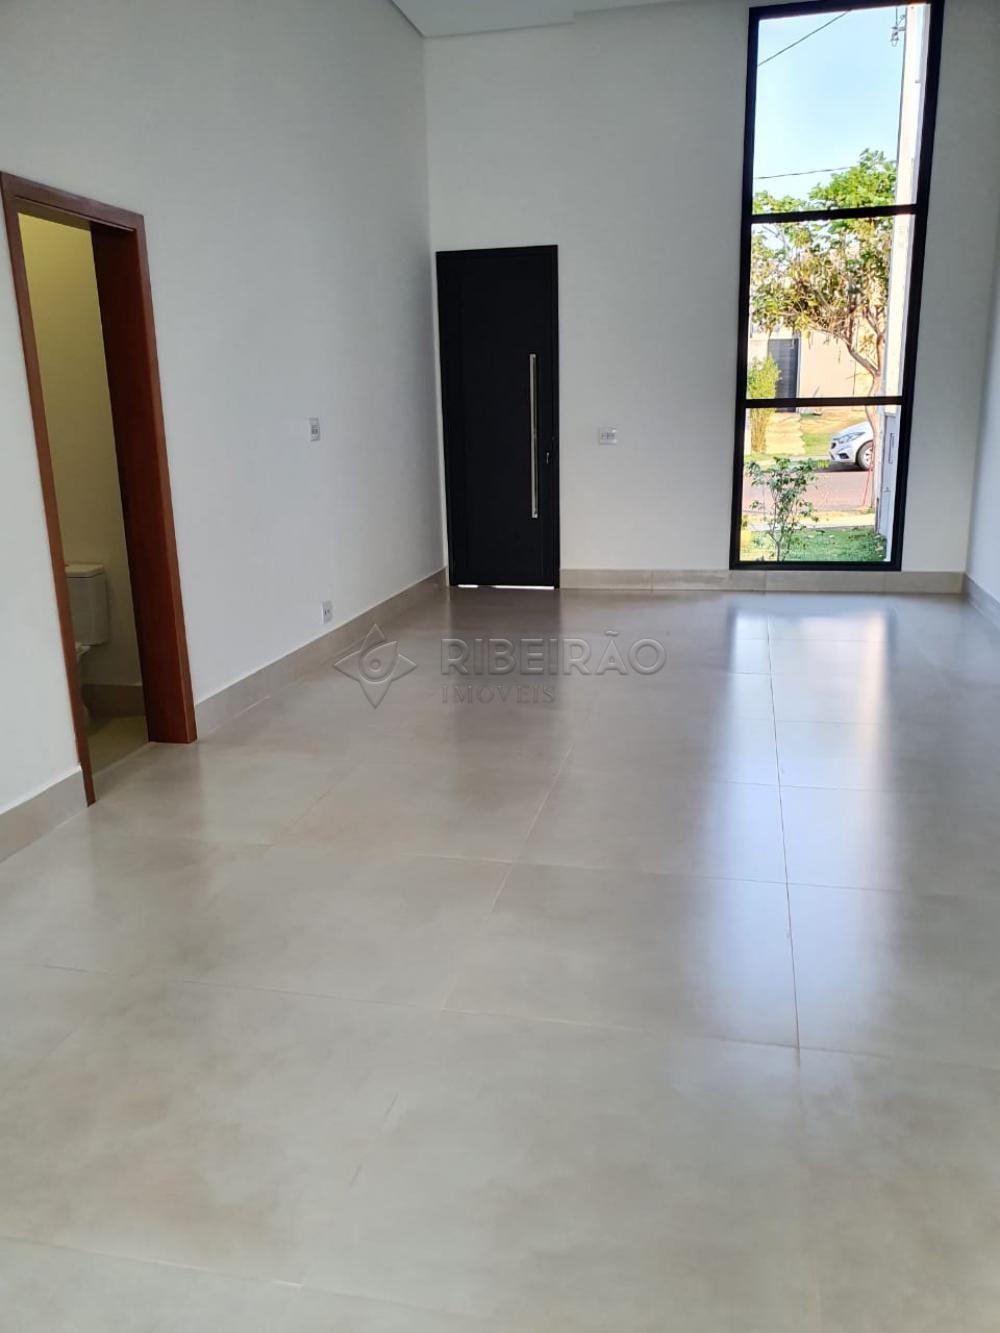 Comprar Casa / Condomínio em Ribeirão Preto R$ 930.000,00 - Foto 21